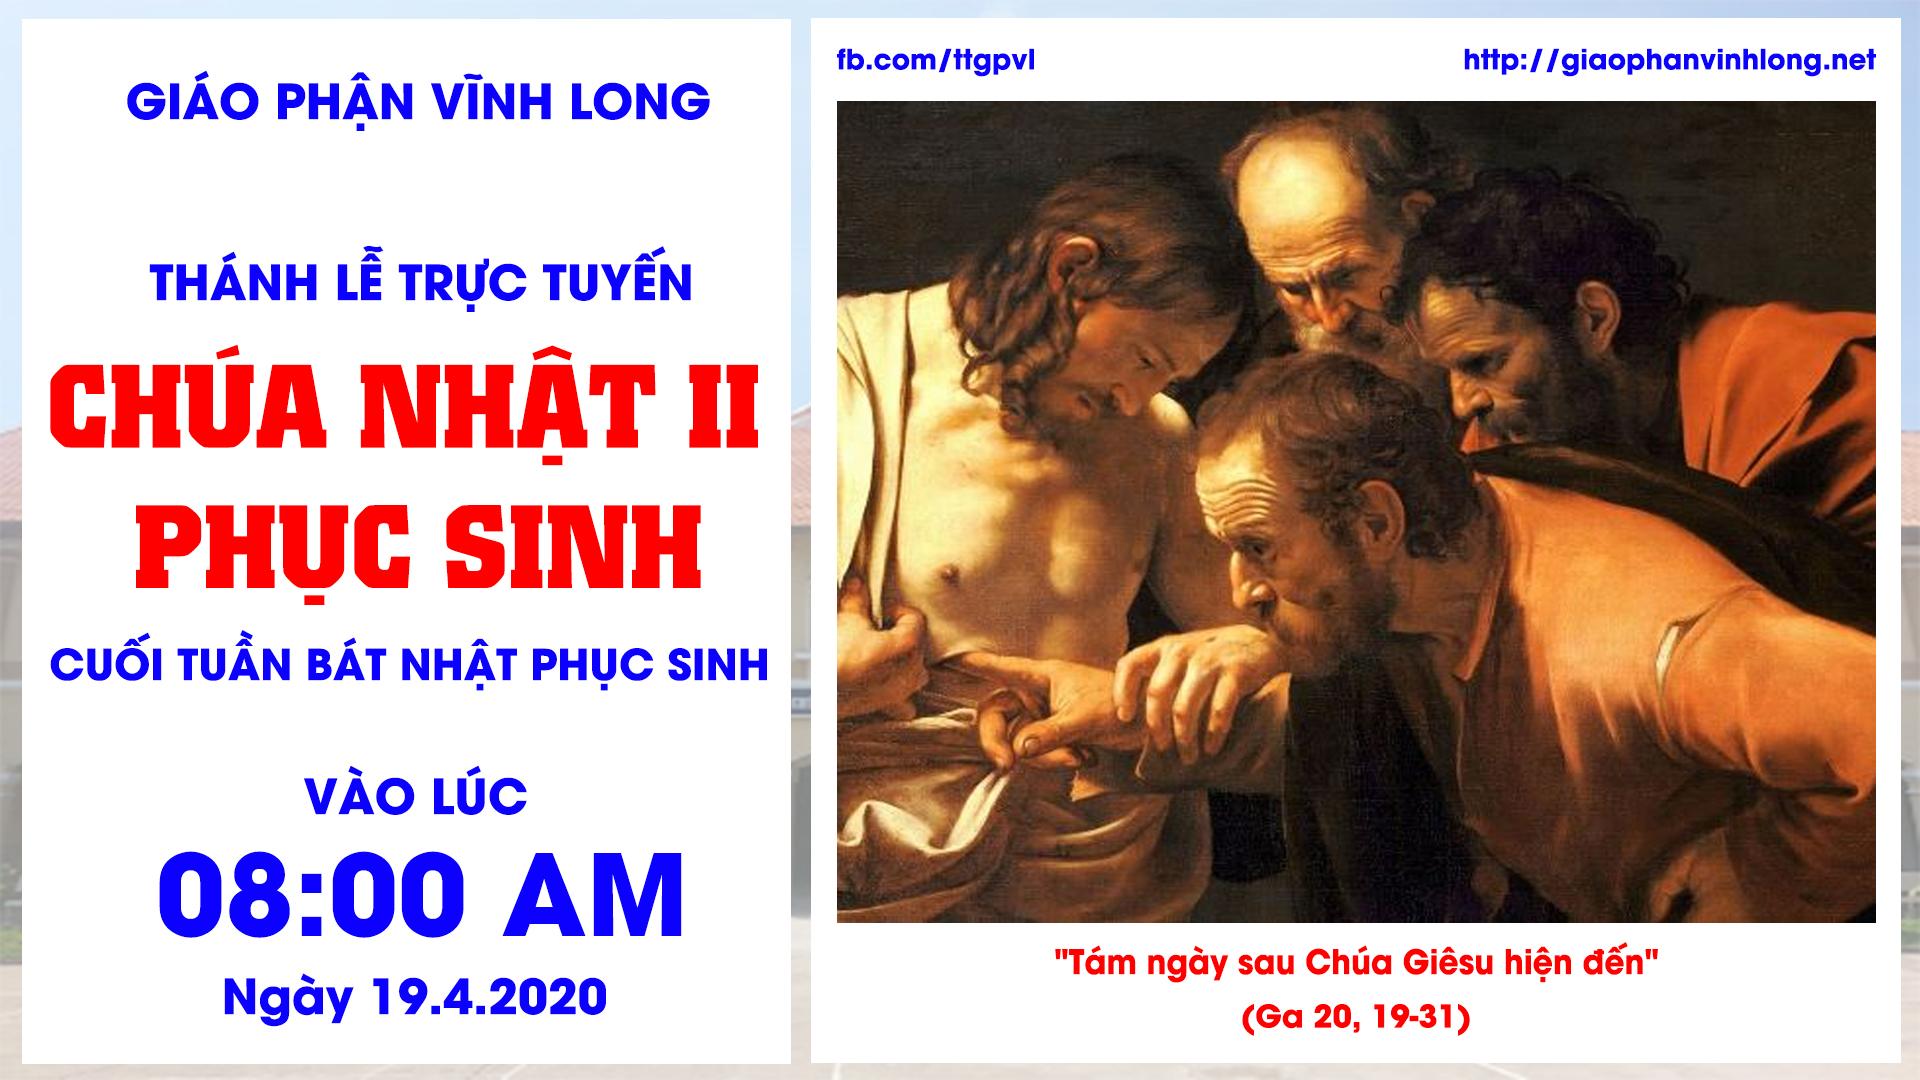 Thánh lễ trực tuyến: Chúa Nhật II Phục Sinh - Kính Lòng Thương Xót Chúa (19.4.2020)